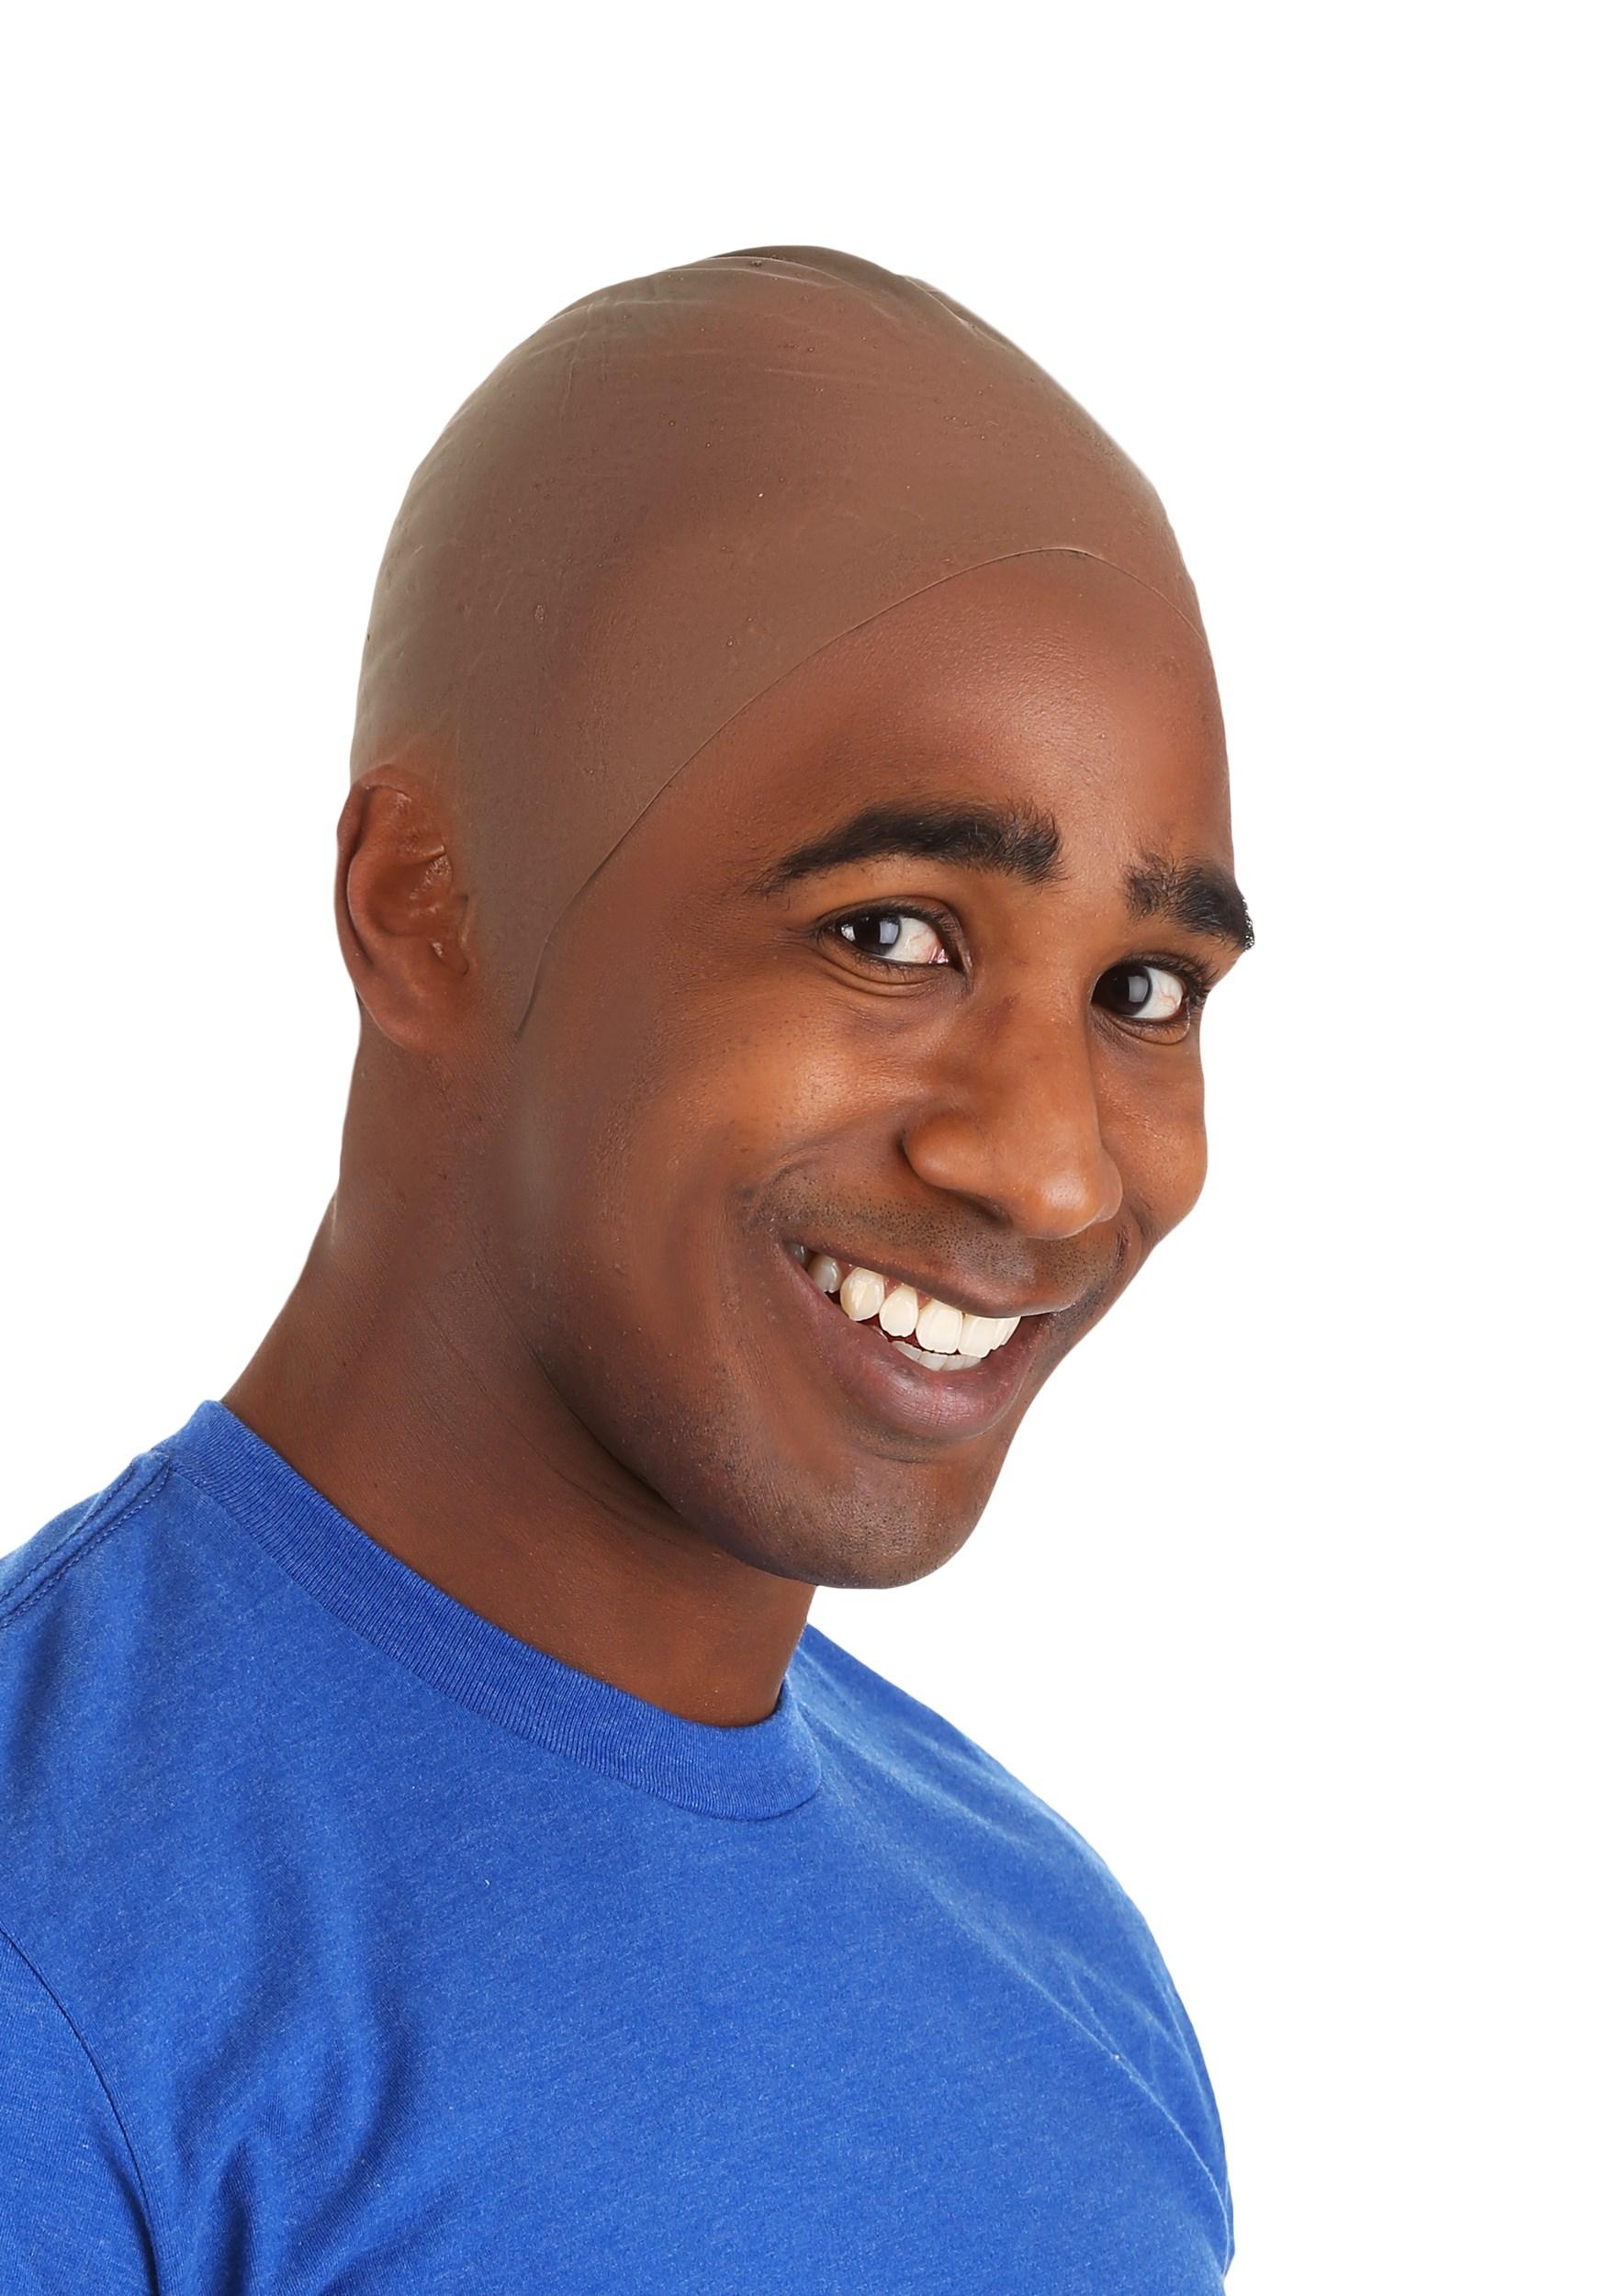 Bald Wig Cap